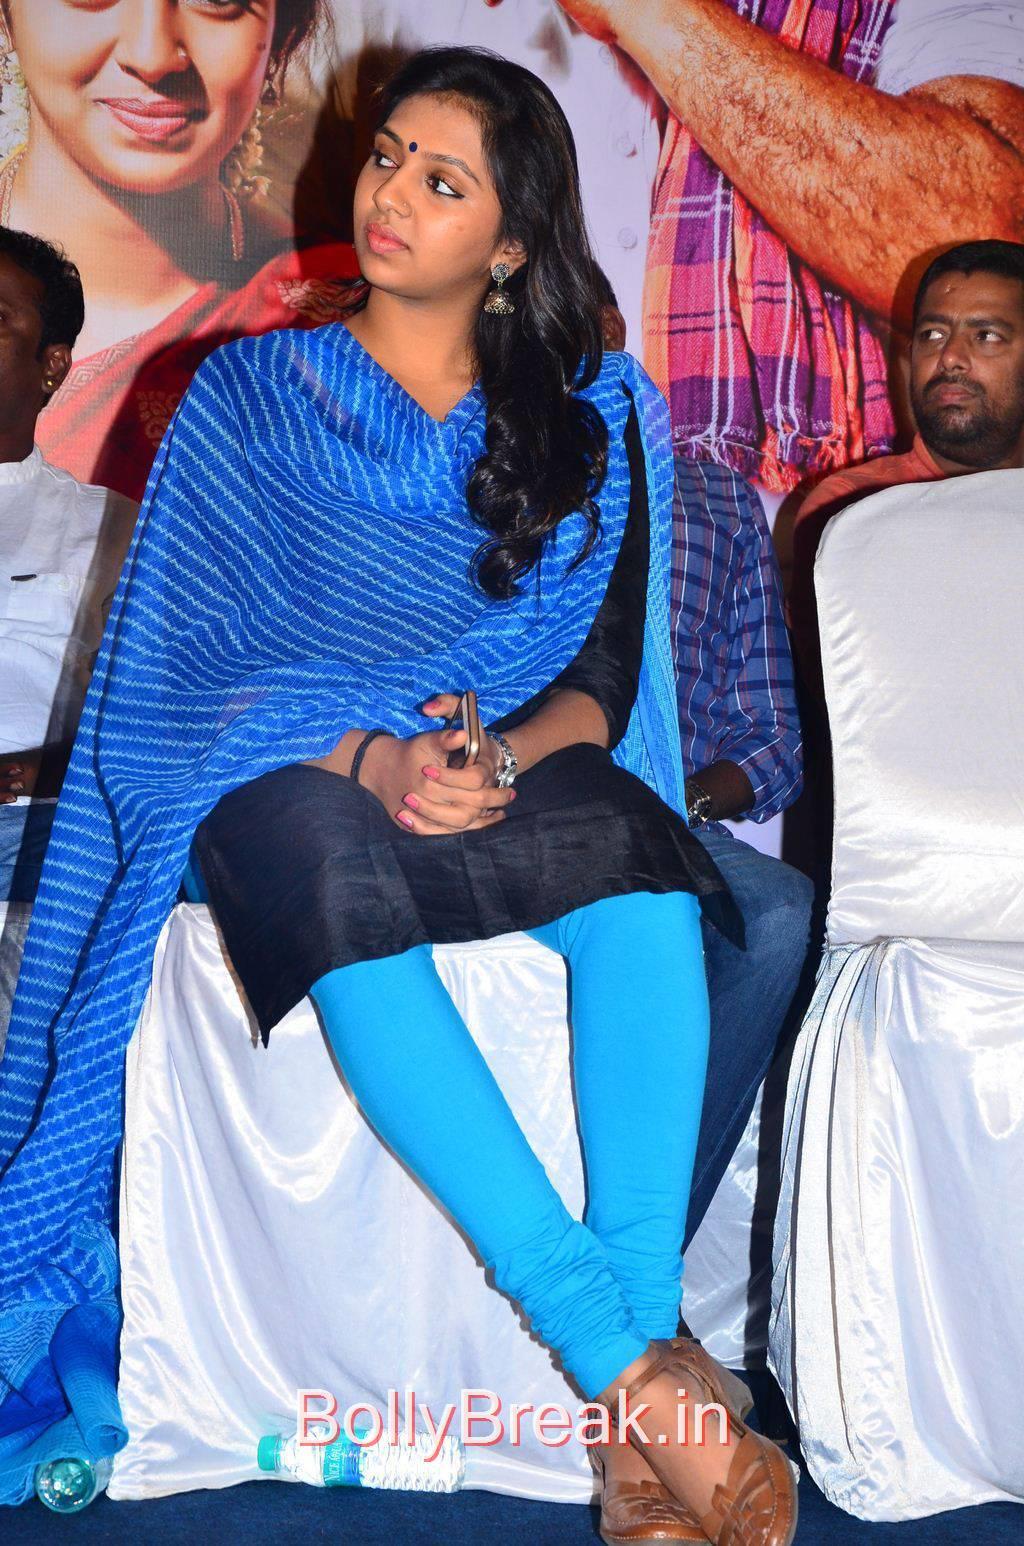 Xxx Lakshmi Menon Classy lakshmi menon hot hd images from komban movie sucess meet - 9 pics